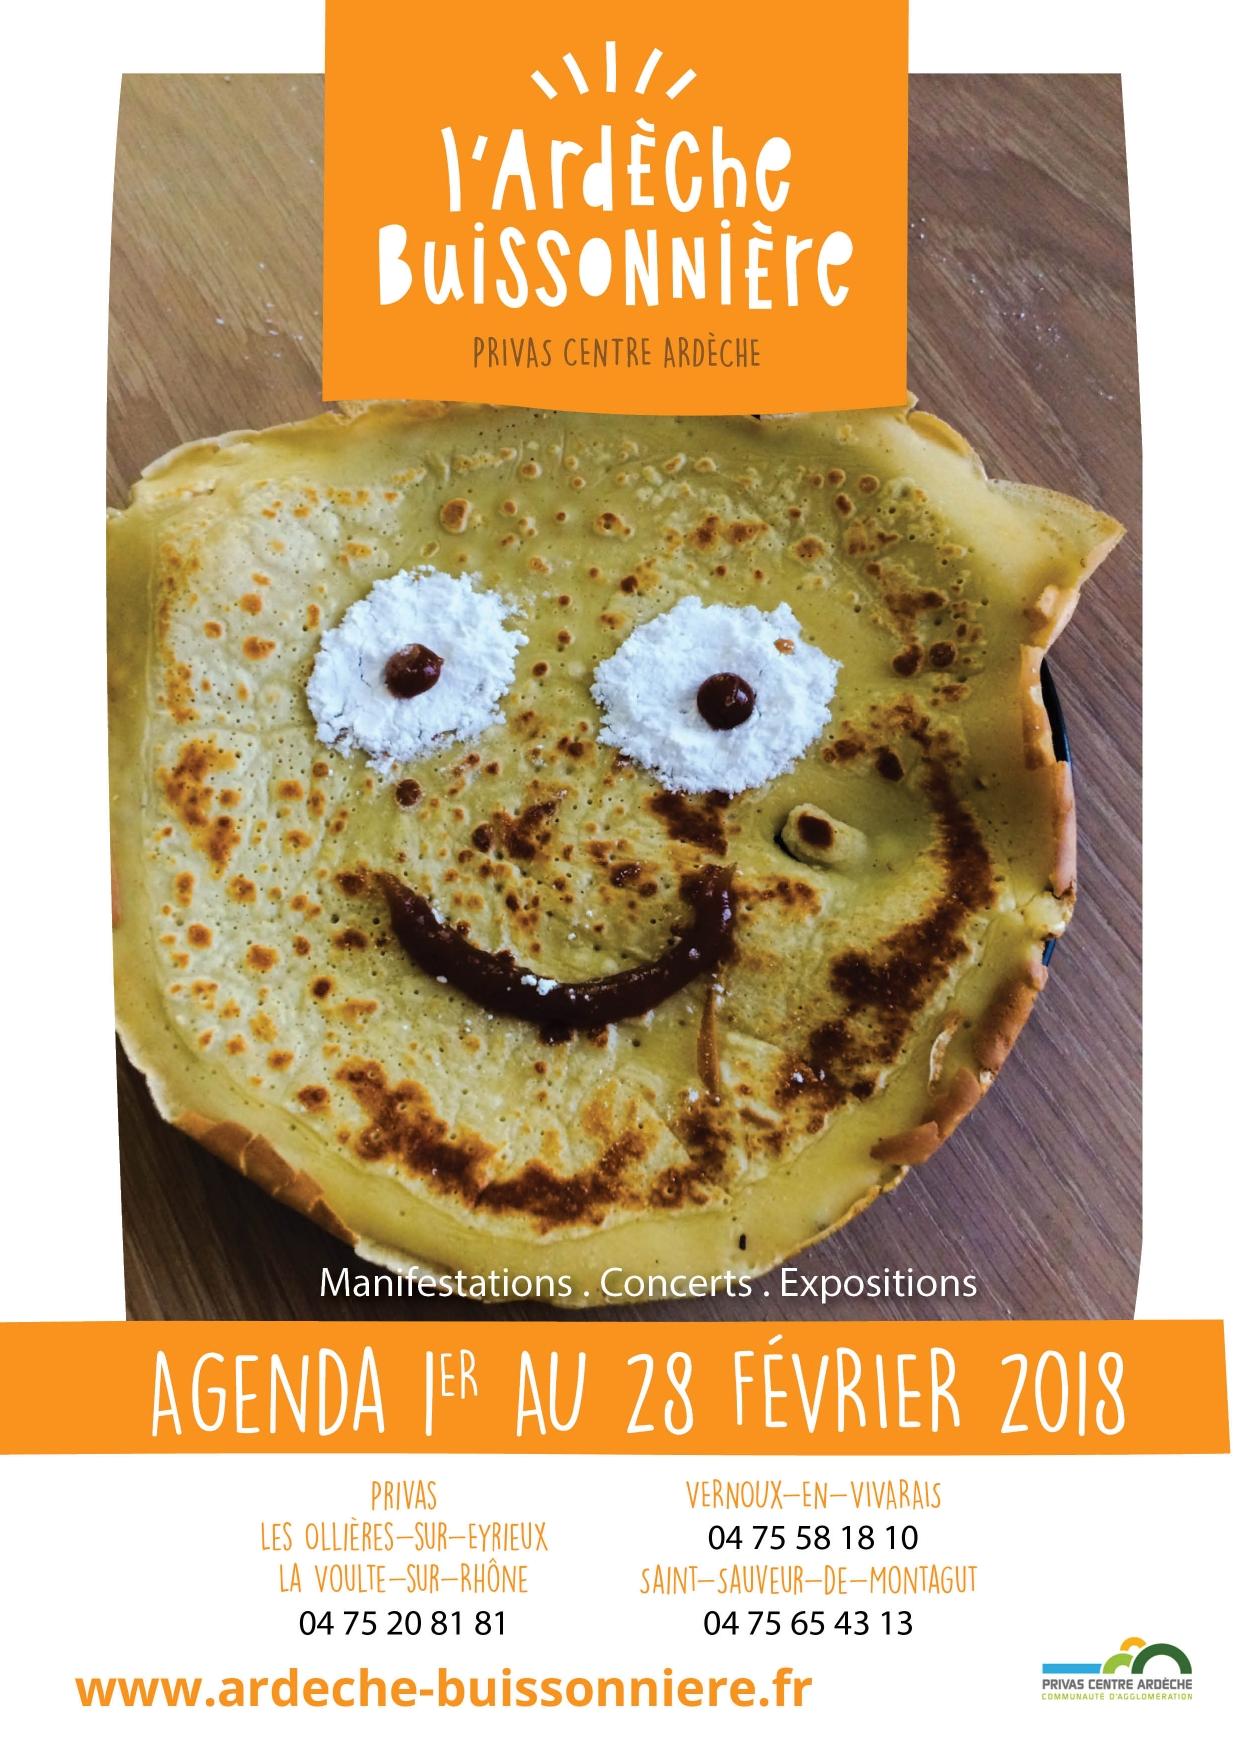 Agenda de l'Ardèche Buissonnière du mois de février